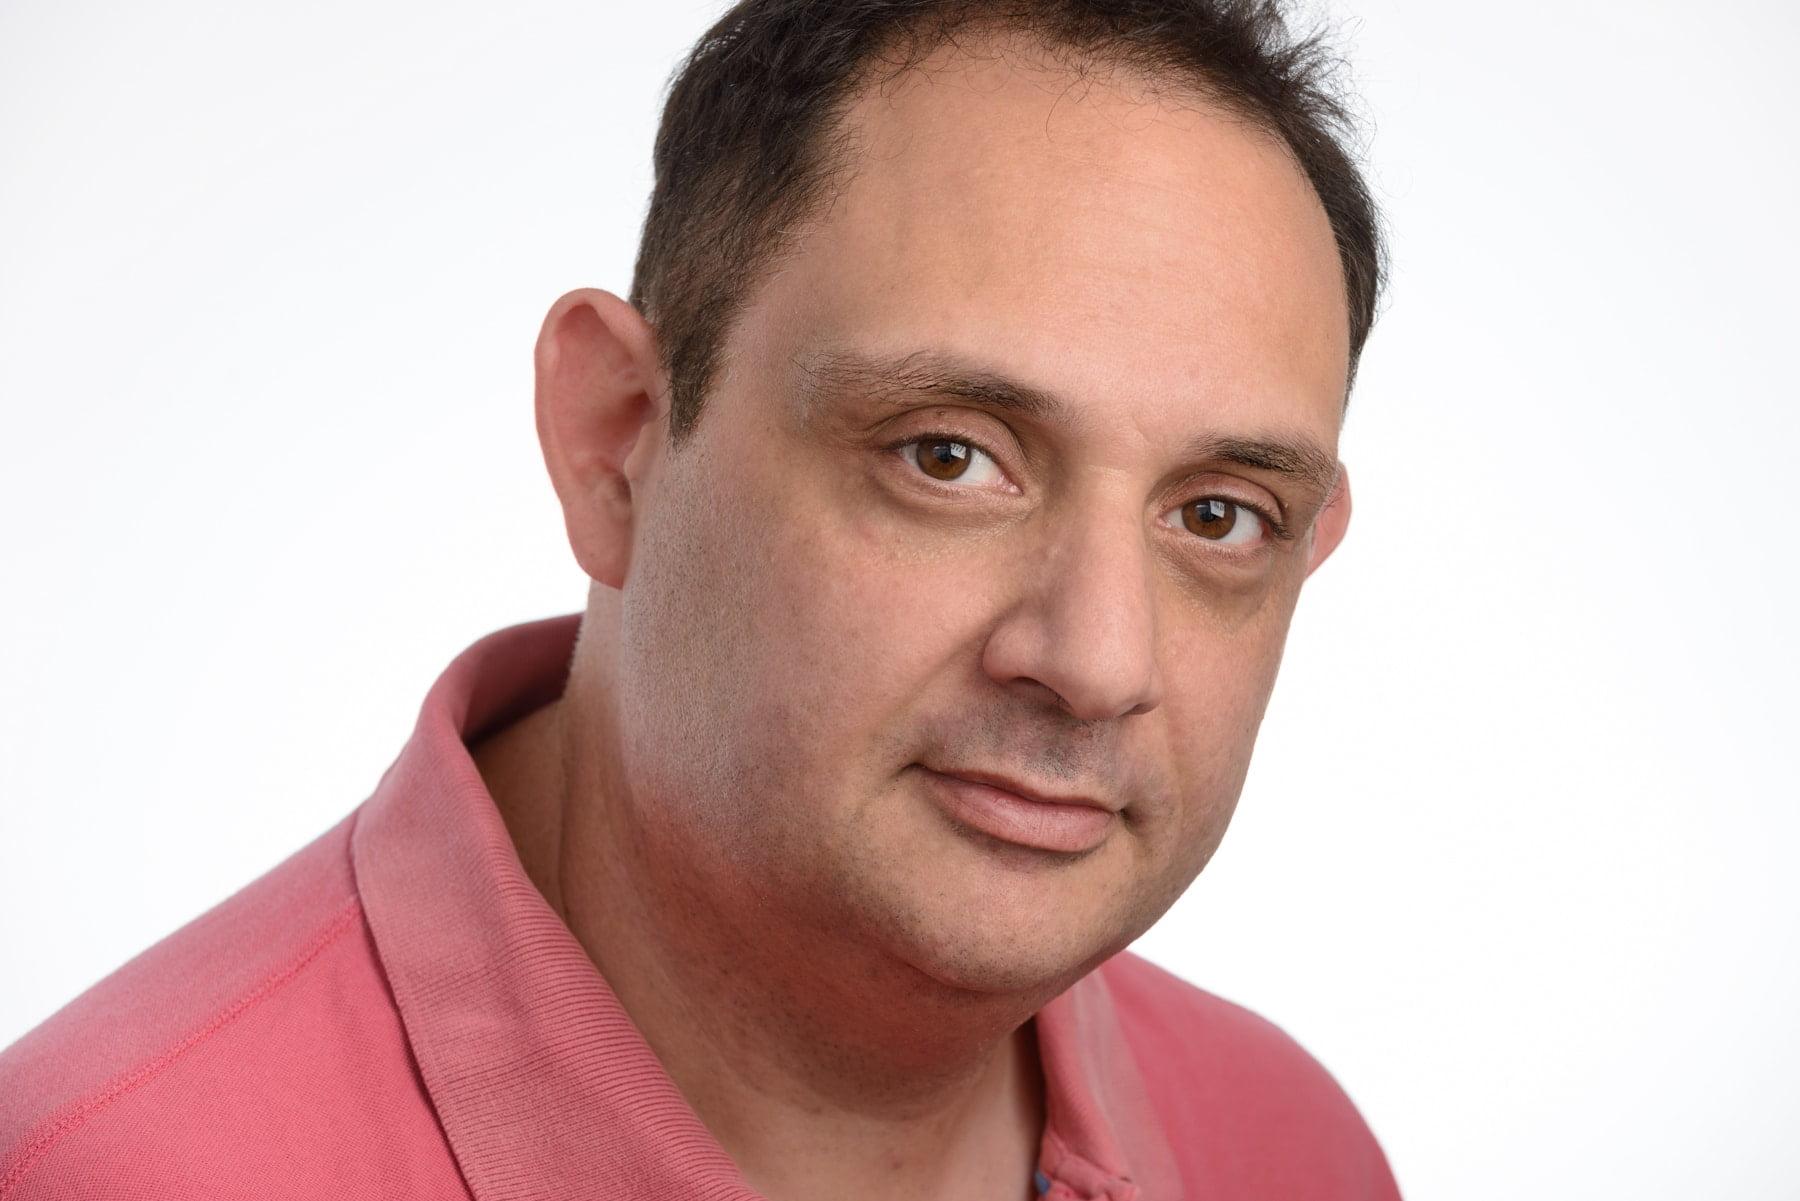 אורי שקד, קופירייטר, כתיבת תוכן